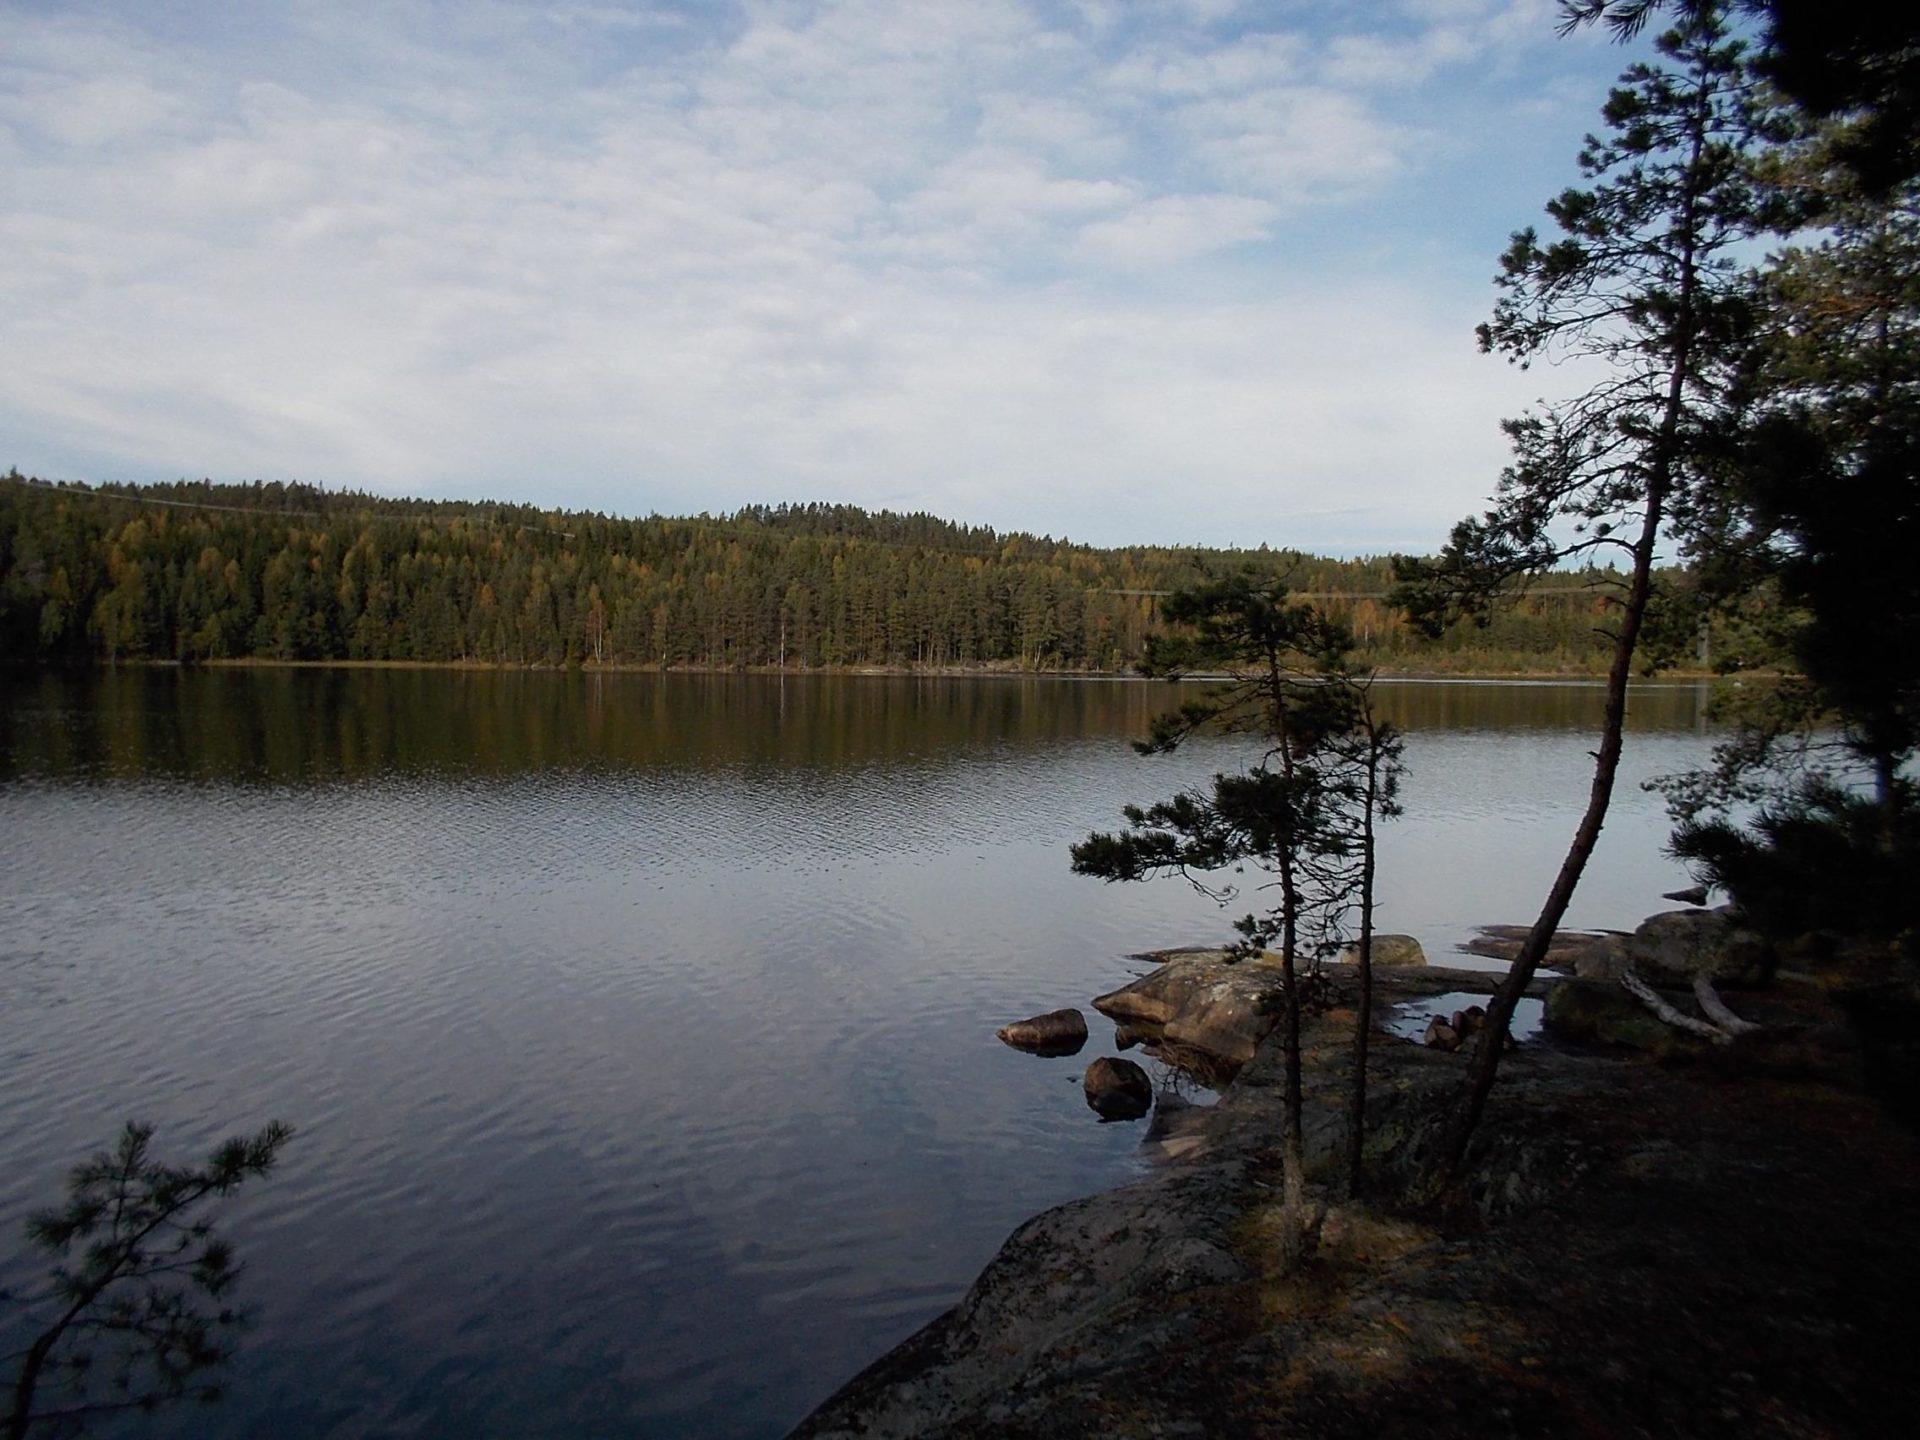 Campsite 32 Hansuddeviken - Nedre Blomsjön